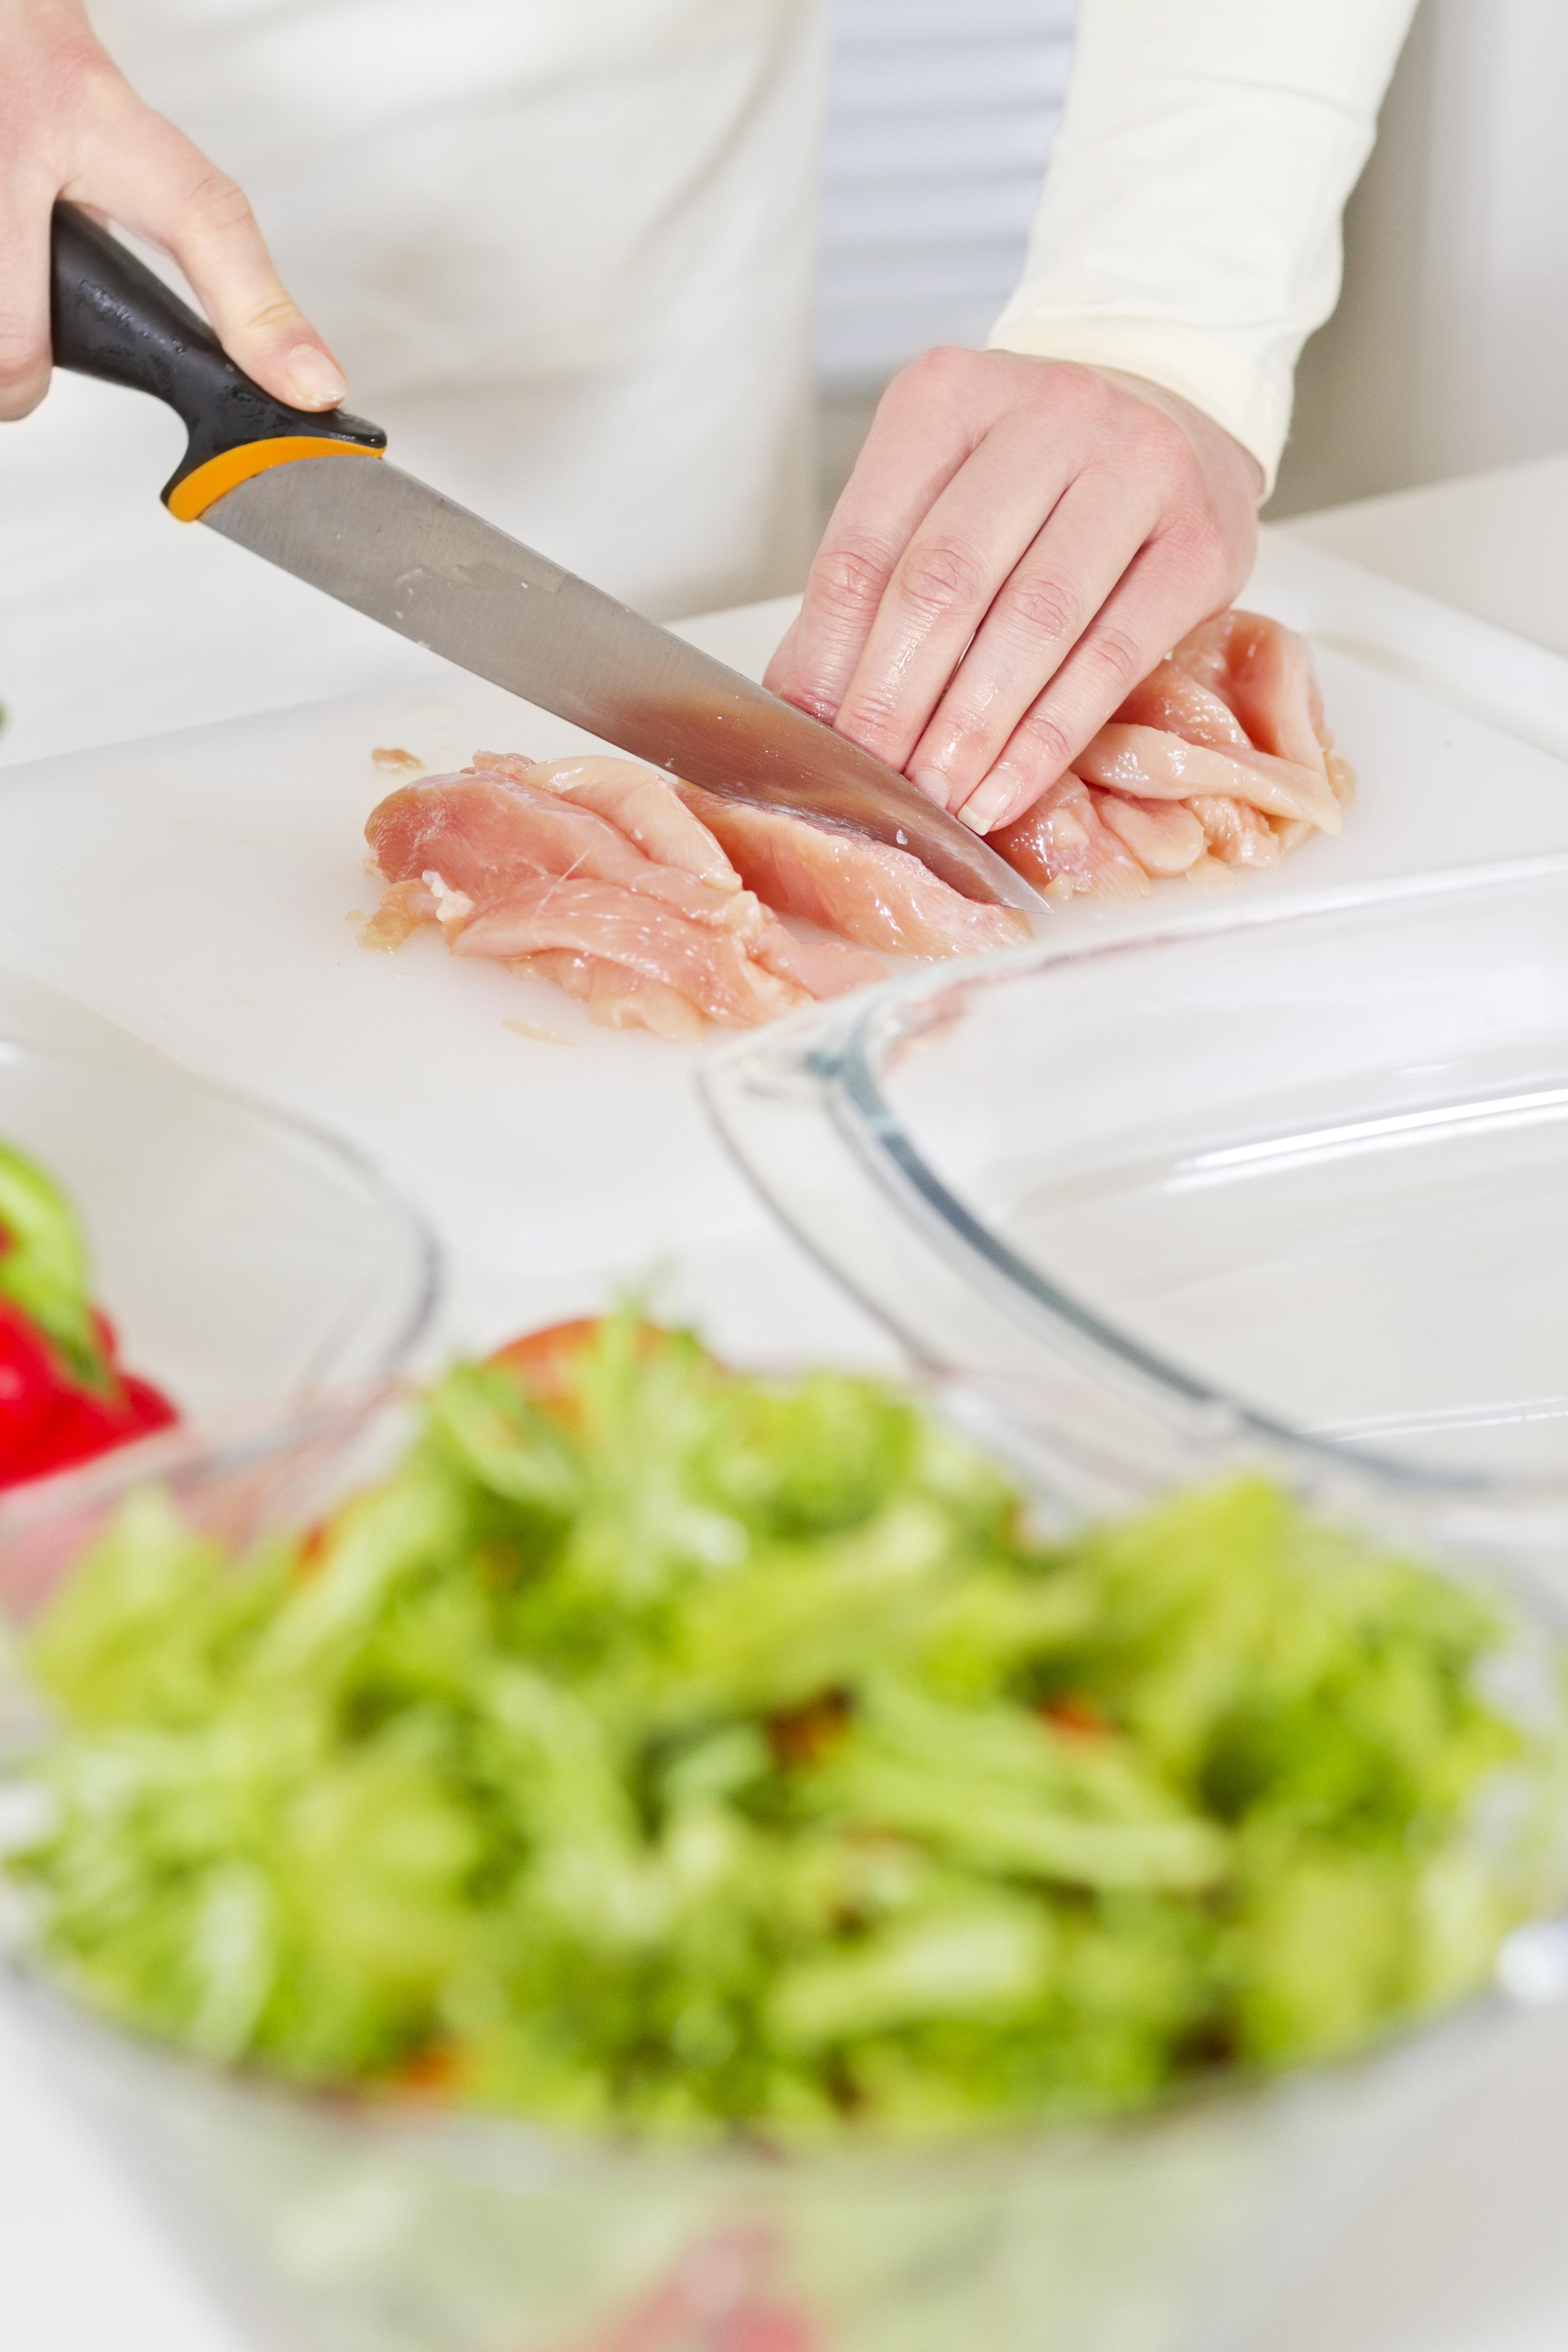 Voedselinfectie ontstaat meestal door slechte hygiëne.